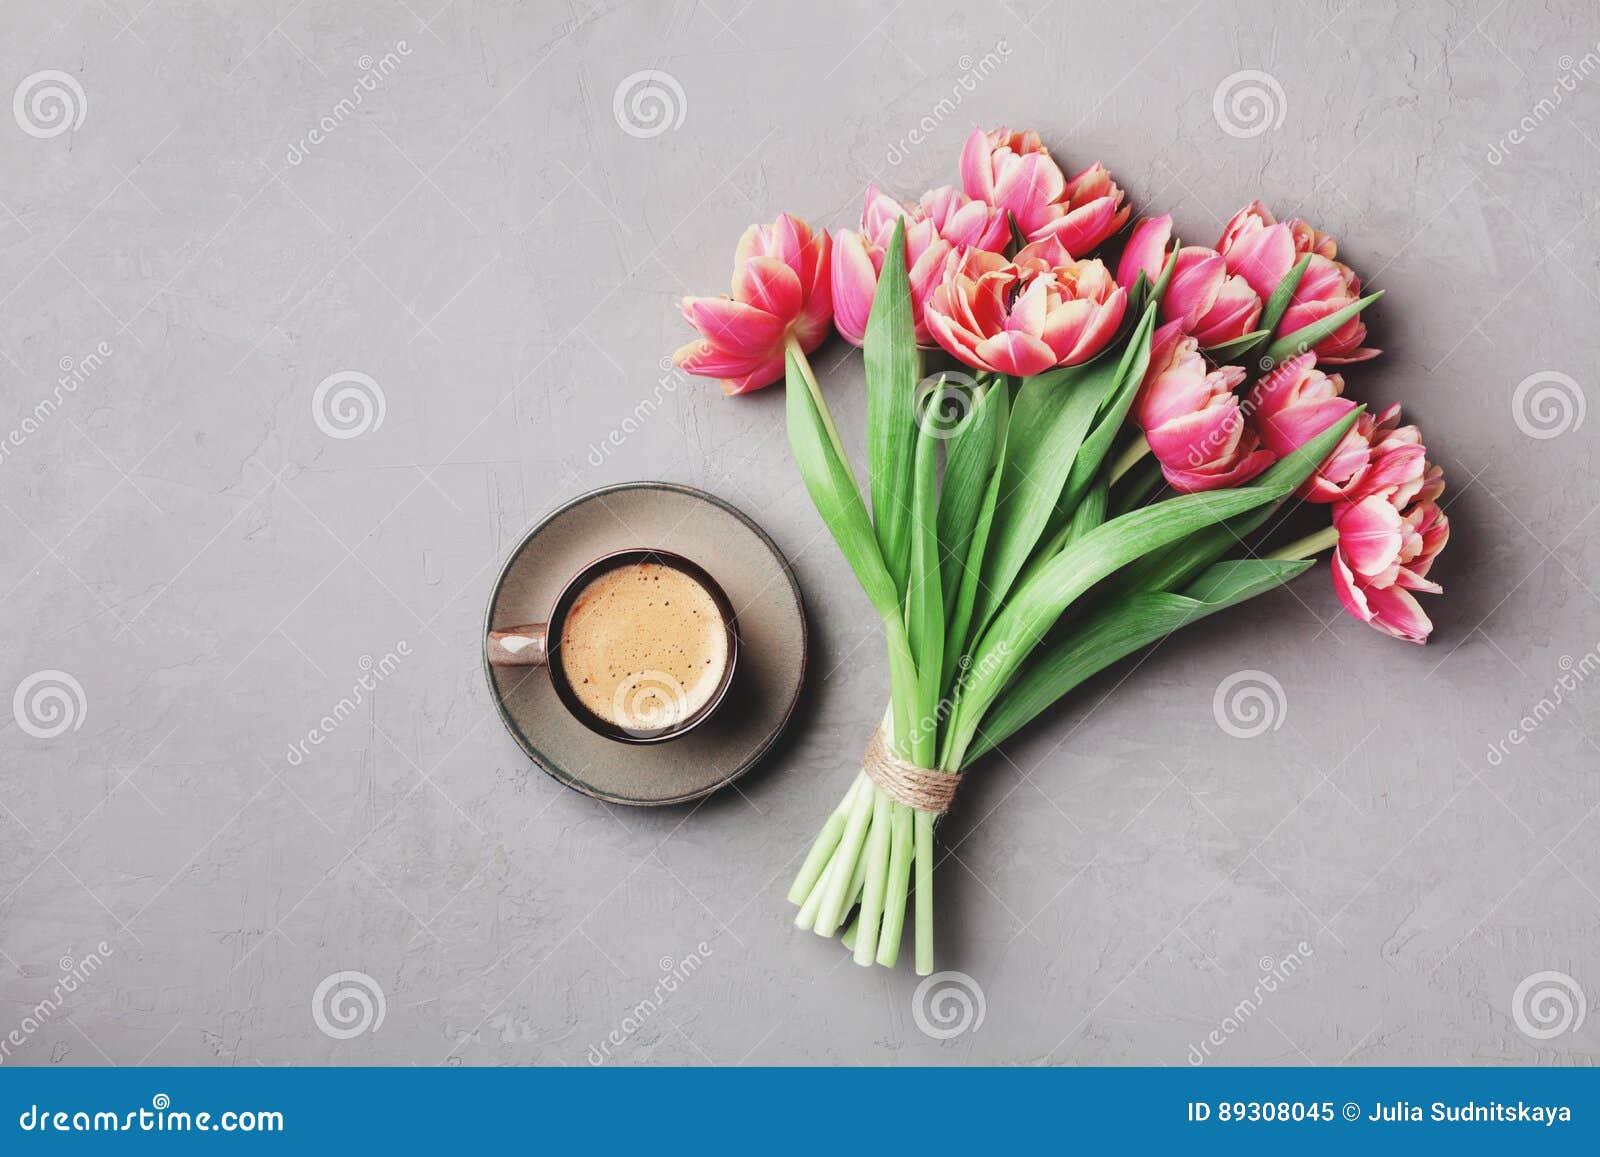 Tasse Kaffee mit schönen rosa Blumen für guten Morgen auf grauer Steintischplatteansicht in Ebene legen Art Frühstück am Mutterta